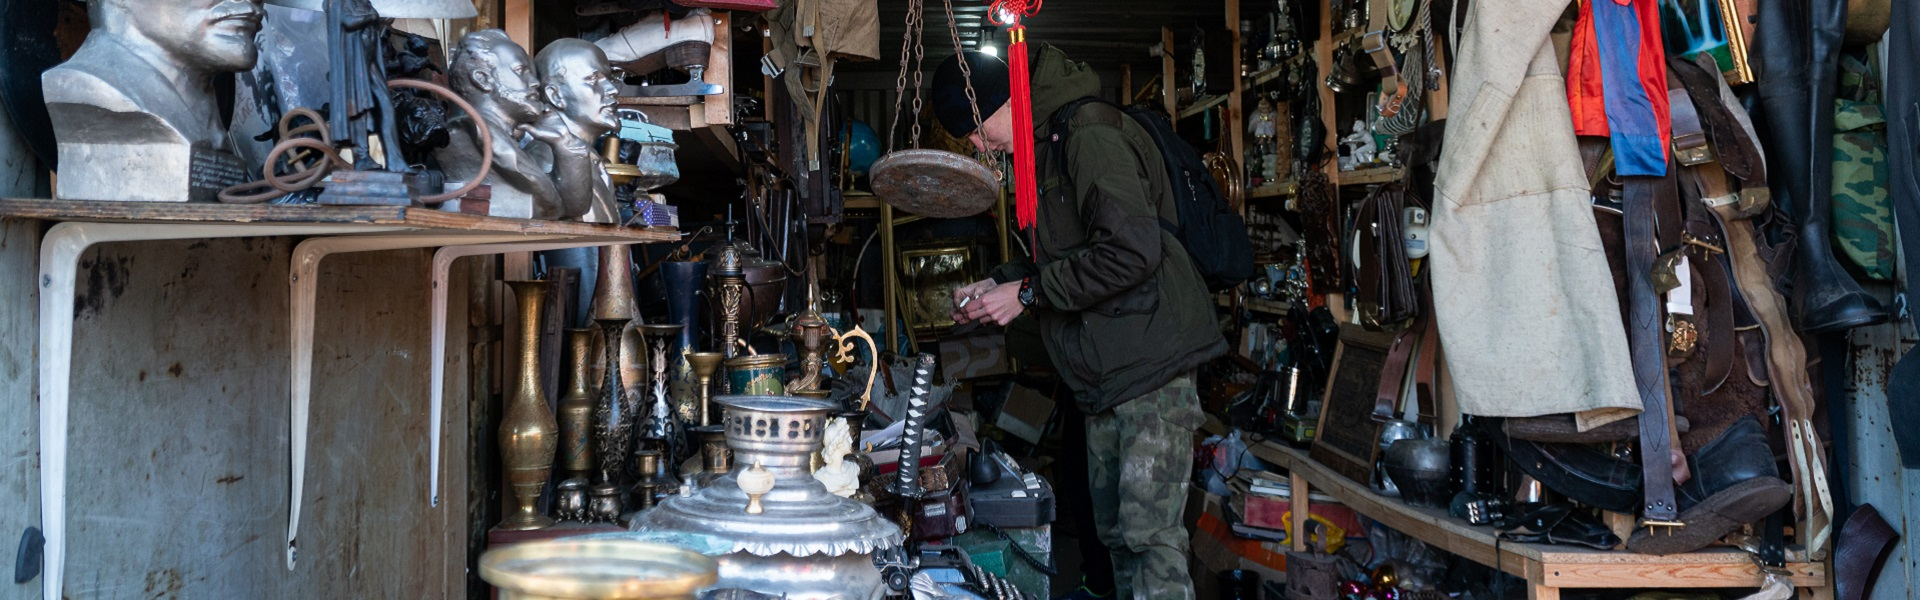 Истории вещей и рассказы людей с иркутского блошиного рынка